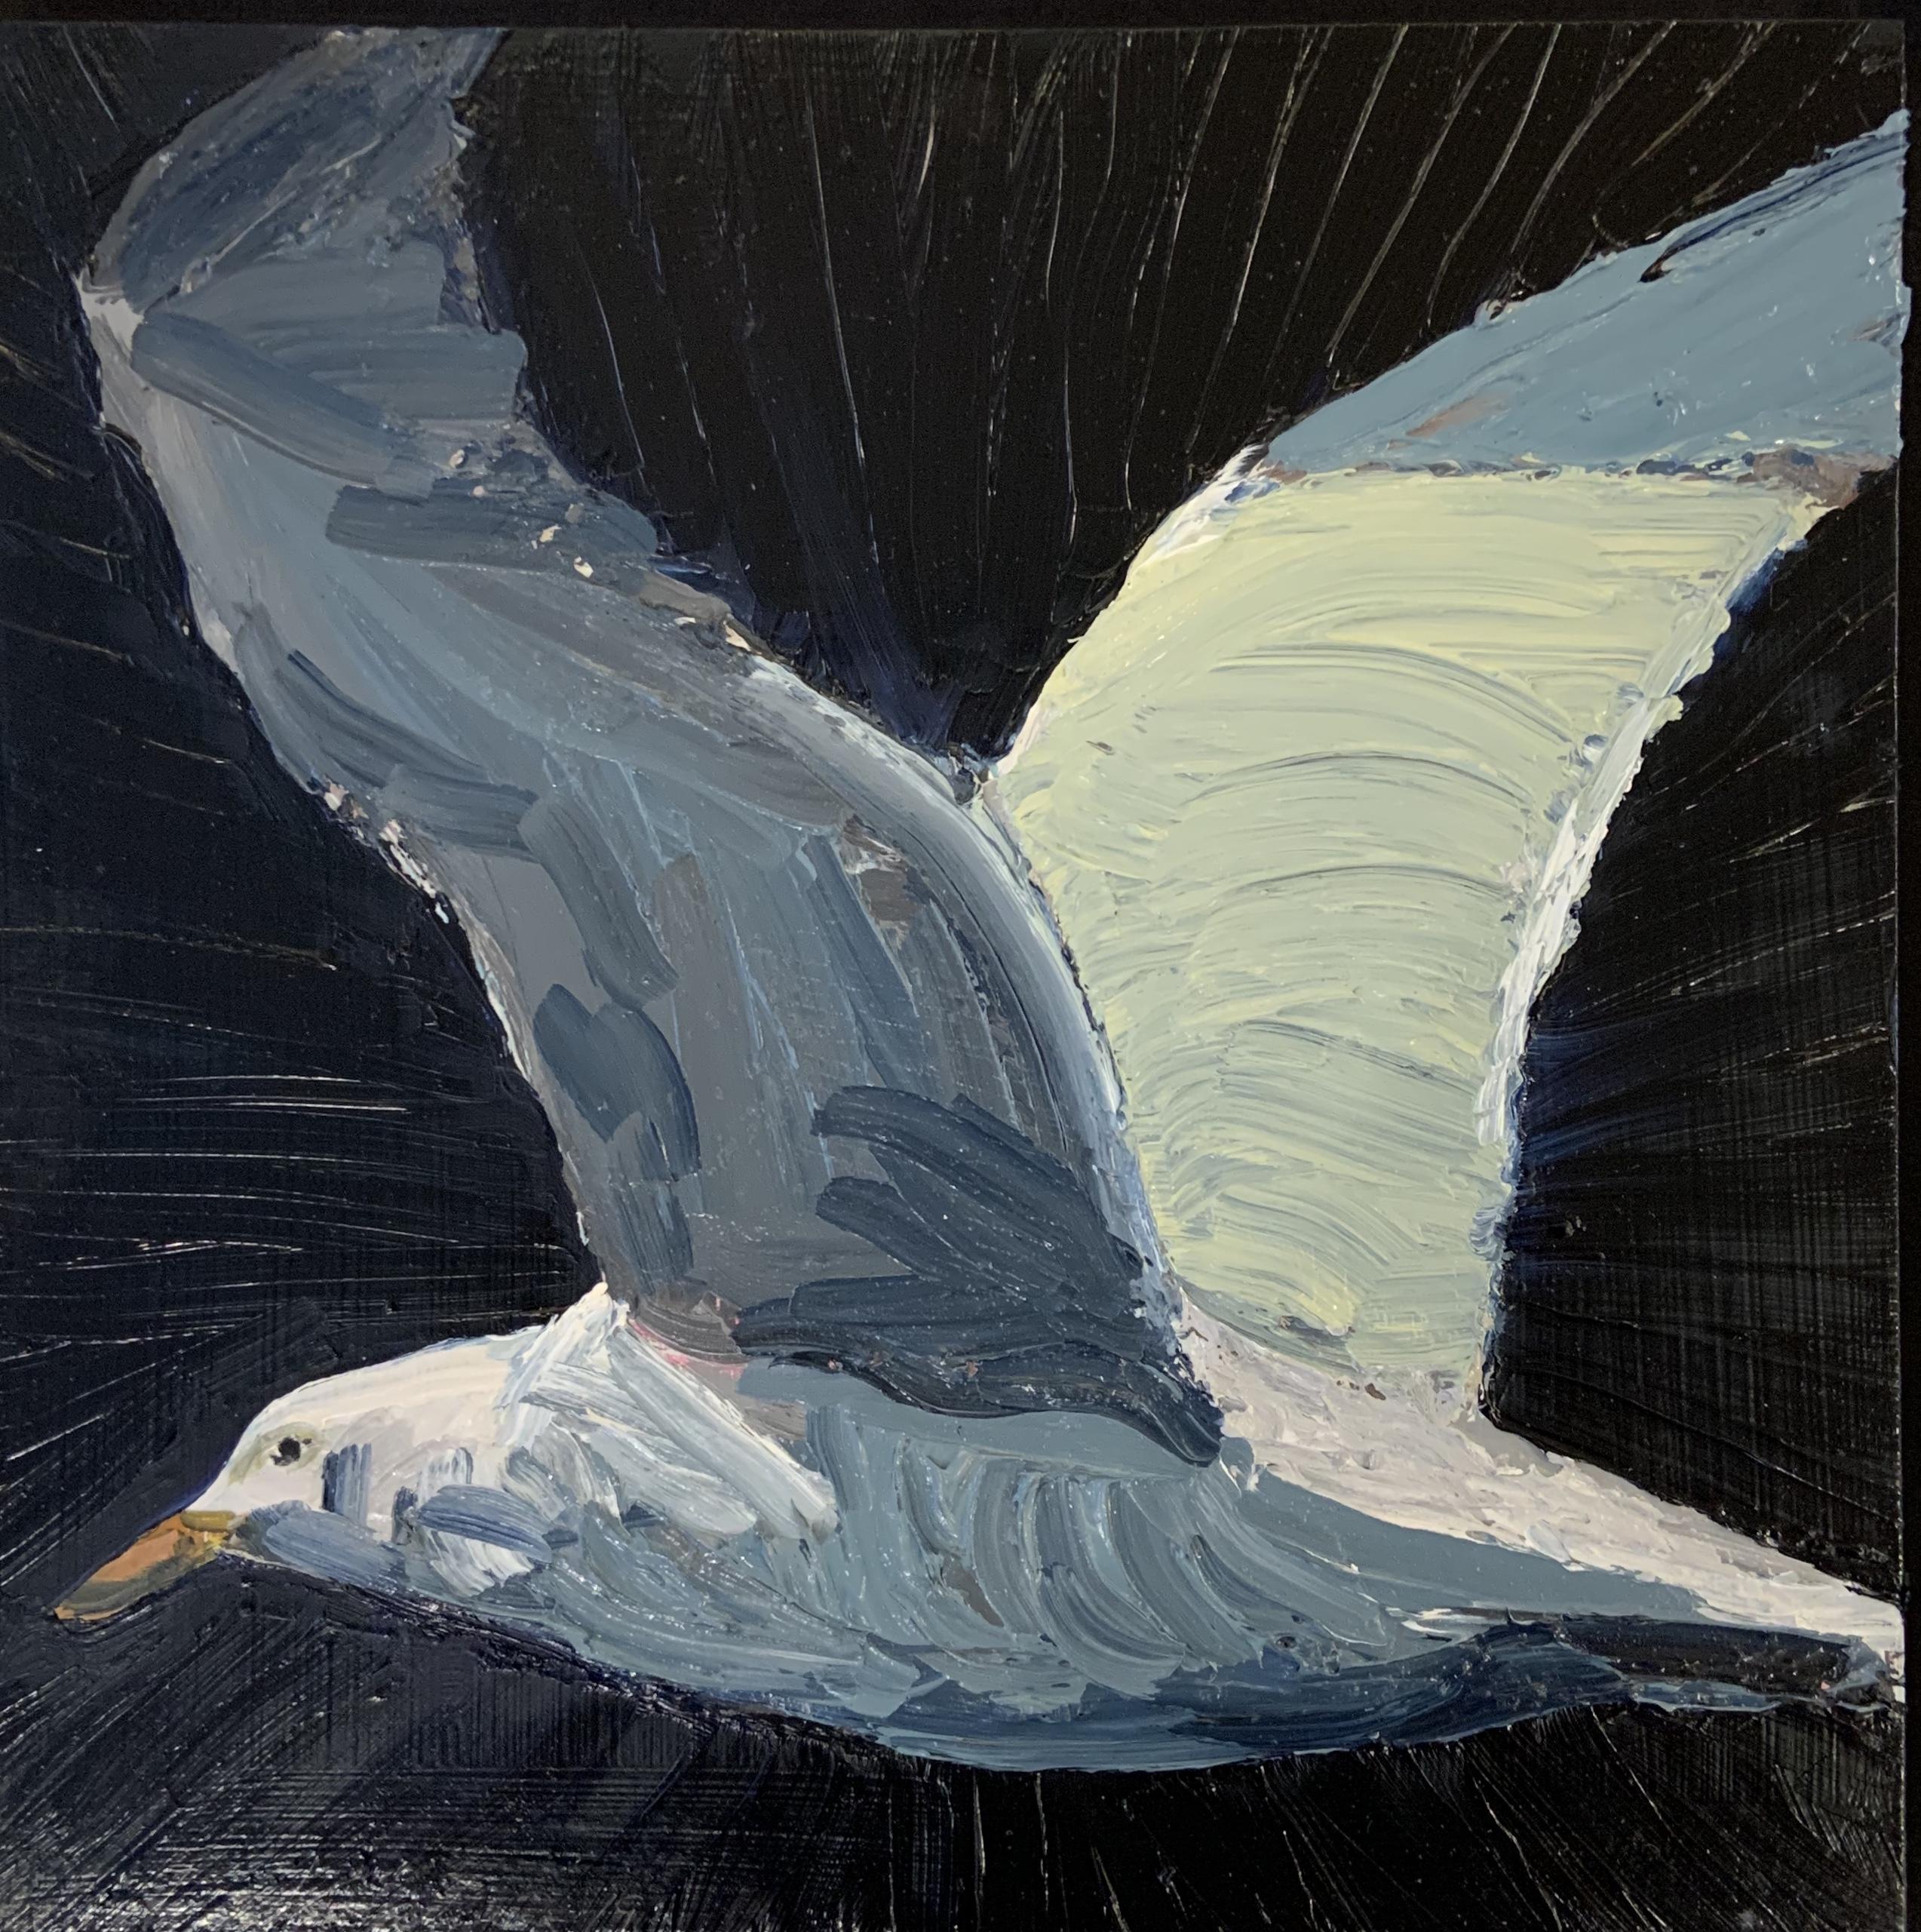 Gull(left)-Garber, oil 12x12 $900